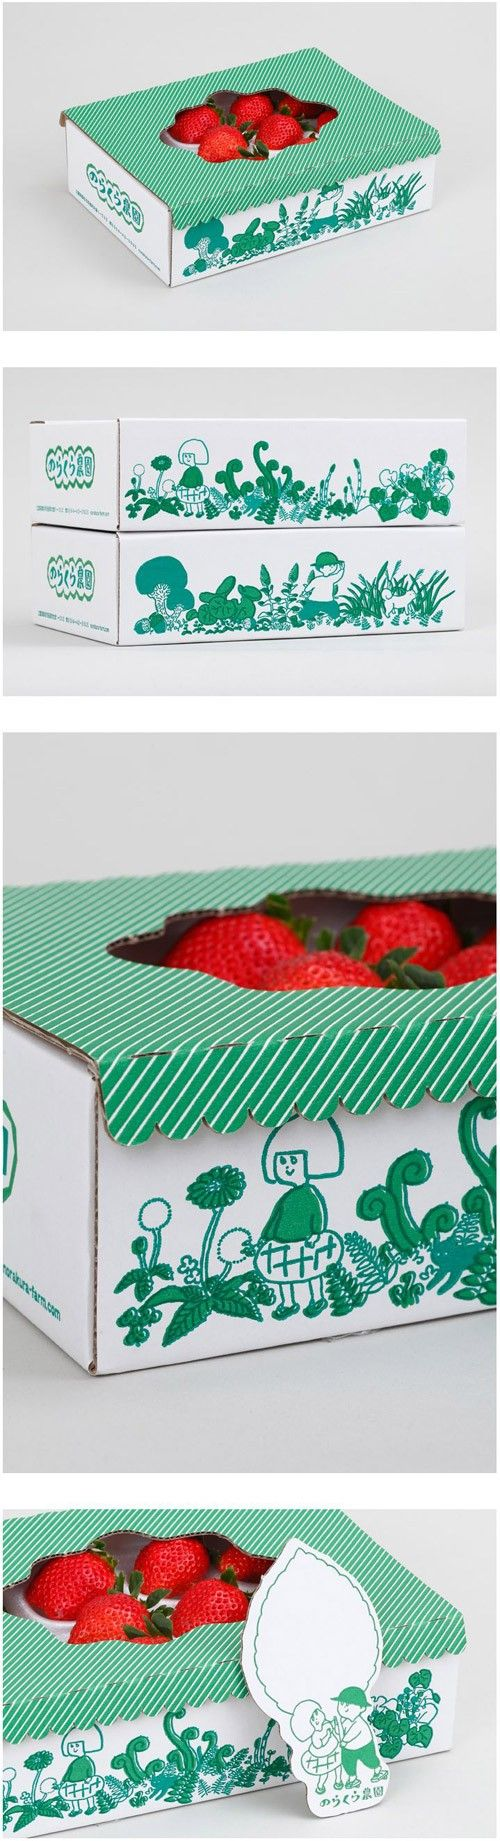 パッケージ/プロダクトデザインvol.26 参考になる優れたパッケージ/プロダクトデザインをご紹介